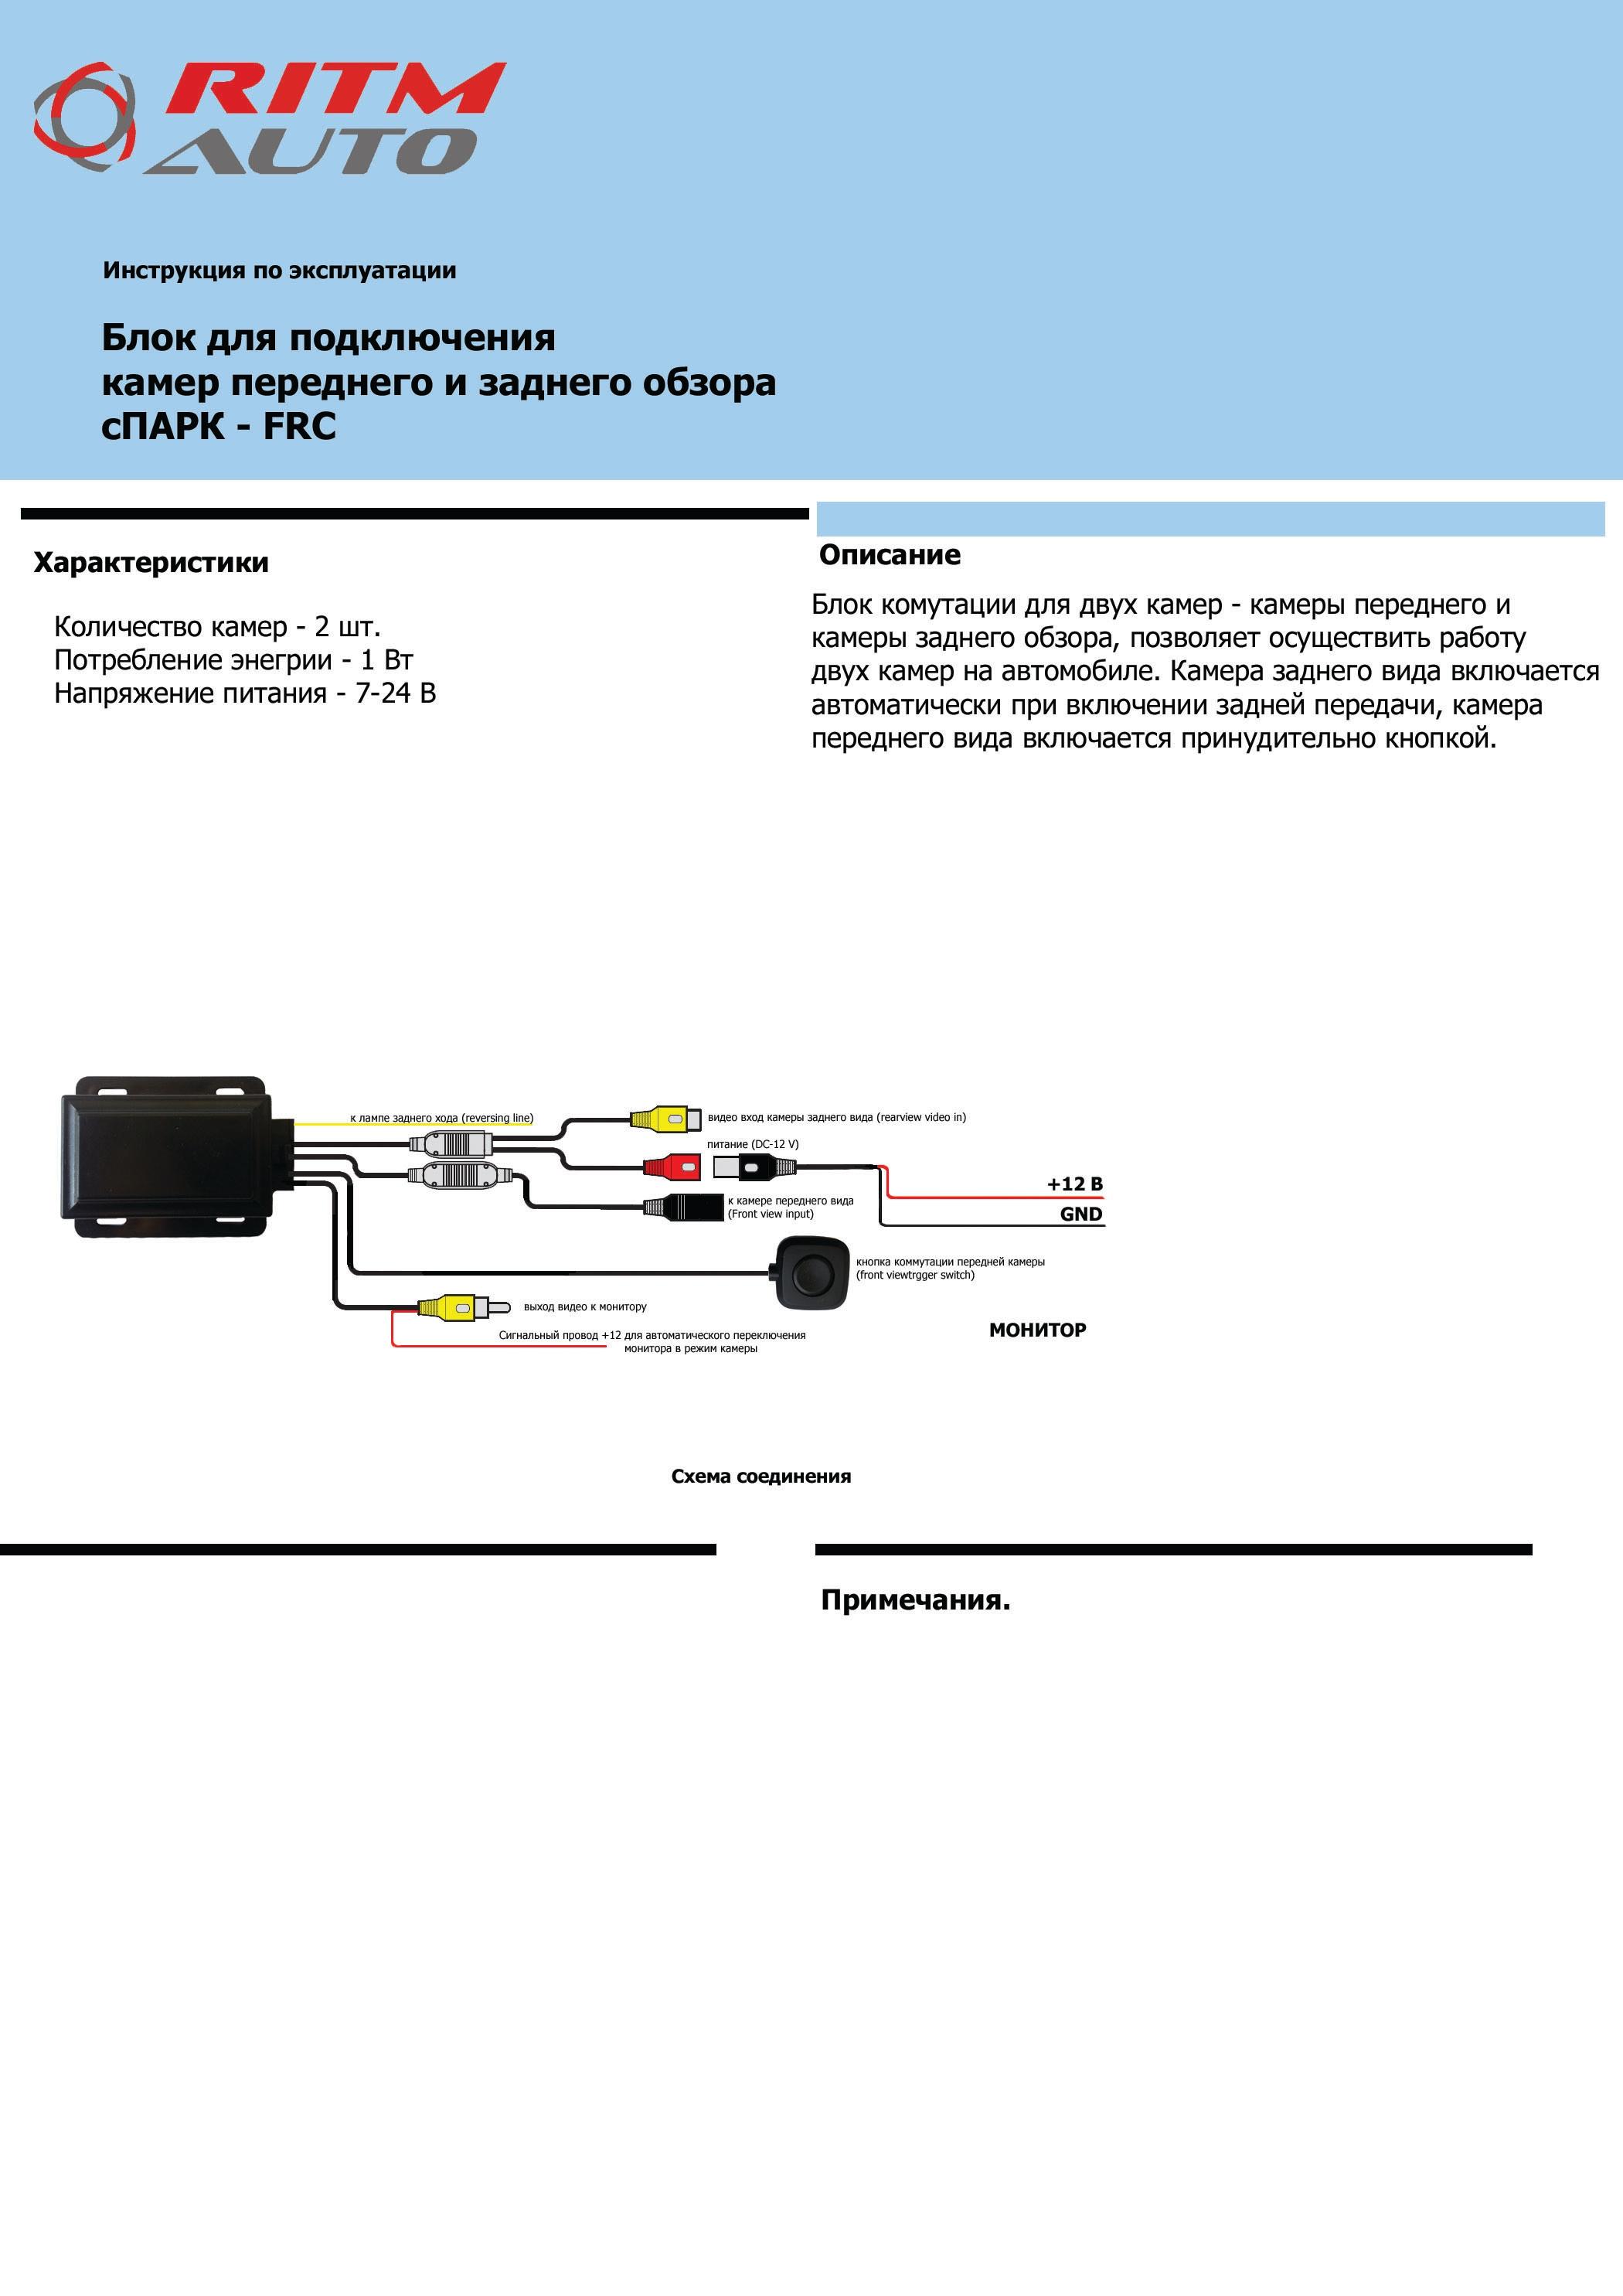 Схема подключения видеокамеры заднего вида в автомобиле